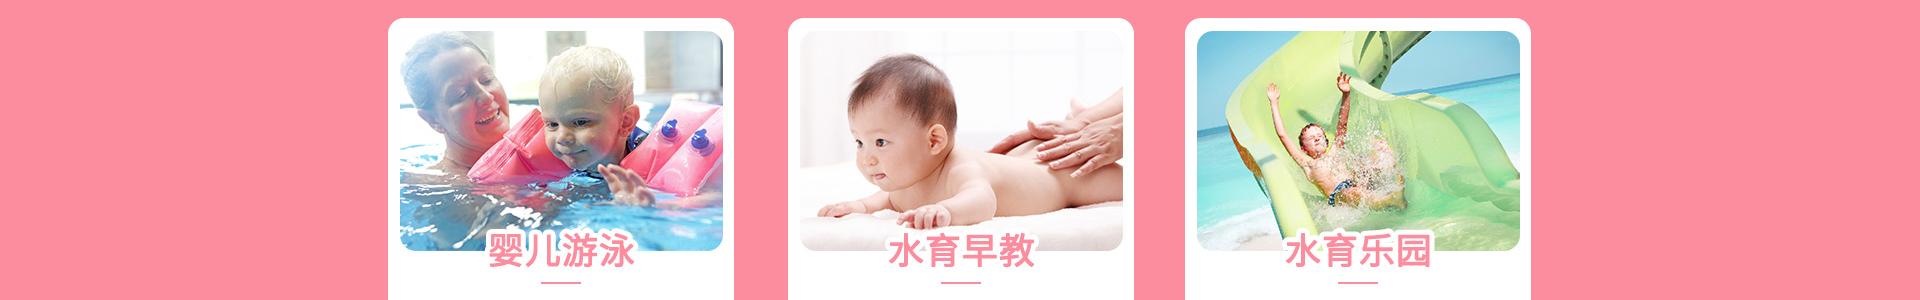 爱玩爱游亲子成长中心aiwanay_26